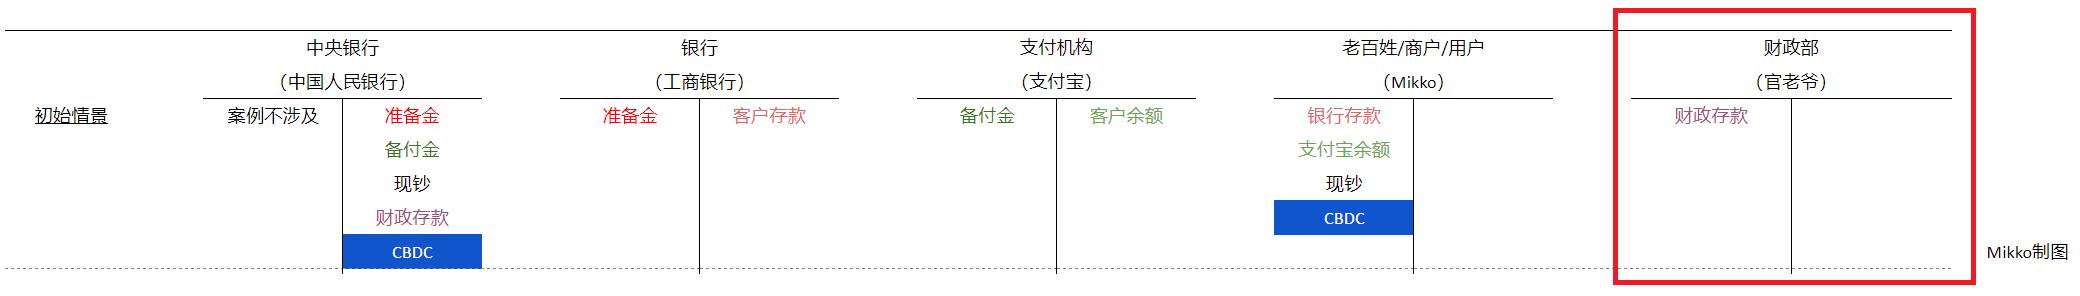 中央银行数字货币(CBDC)手册(一):在央行的立场上拆解CBDC